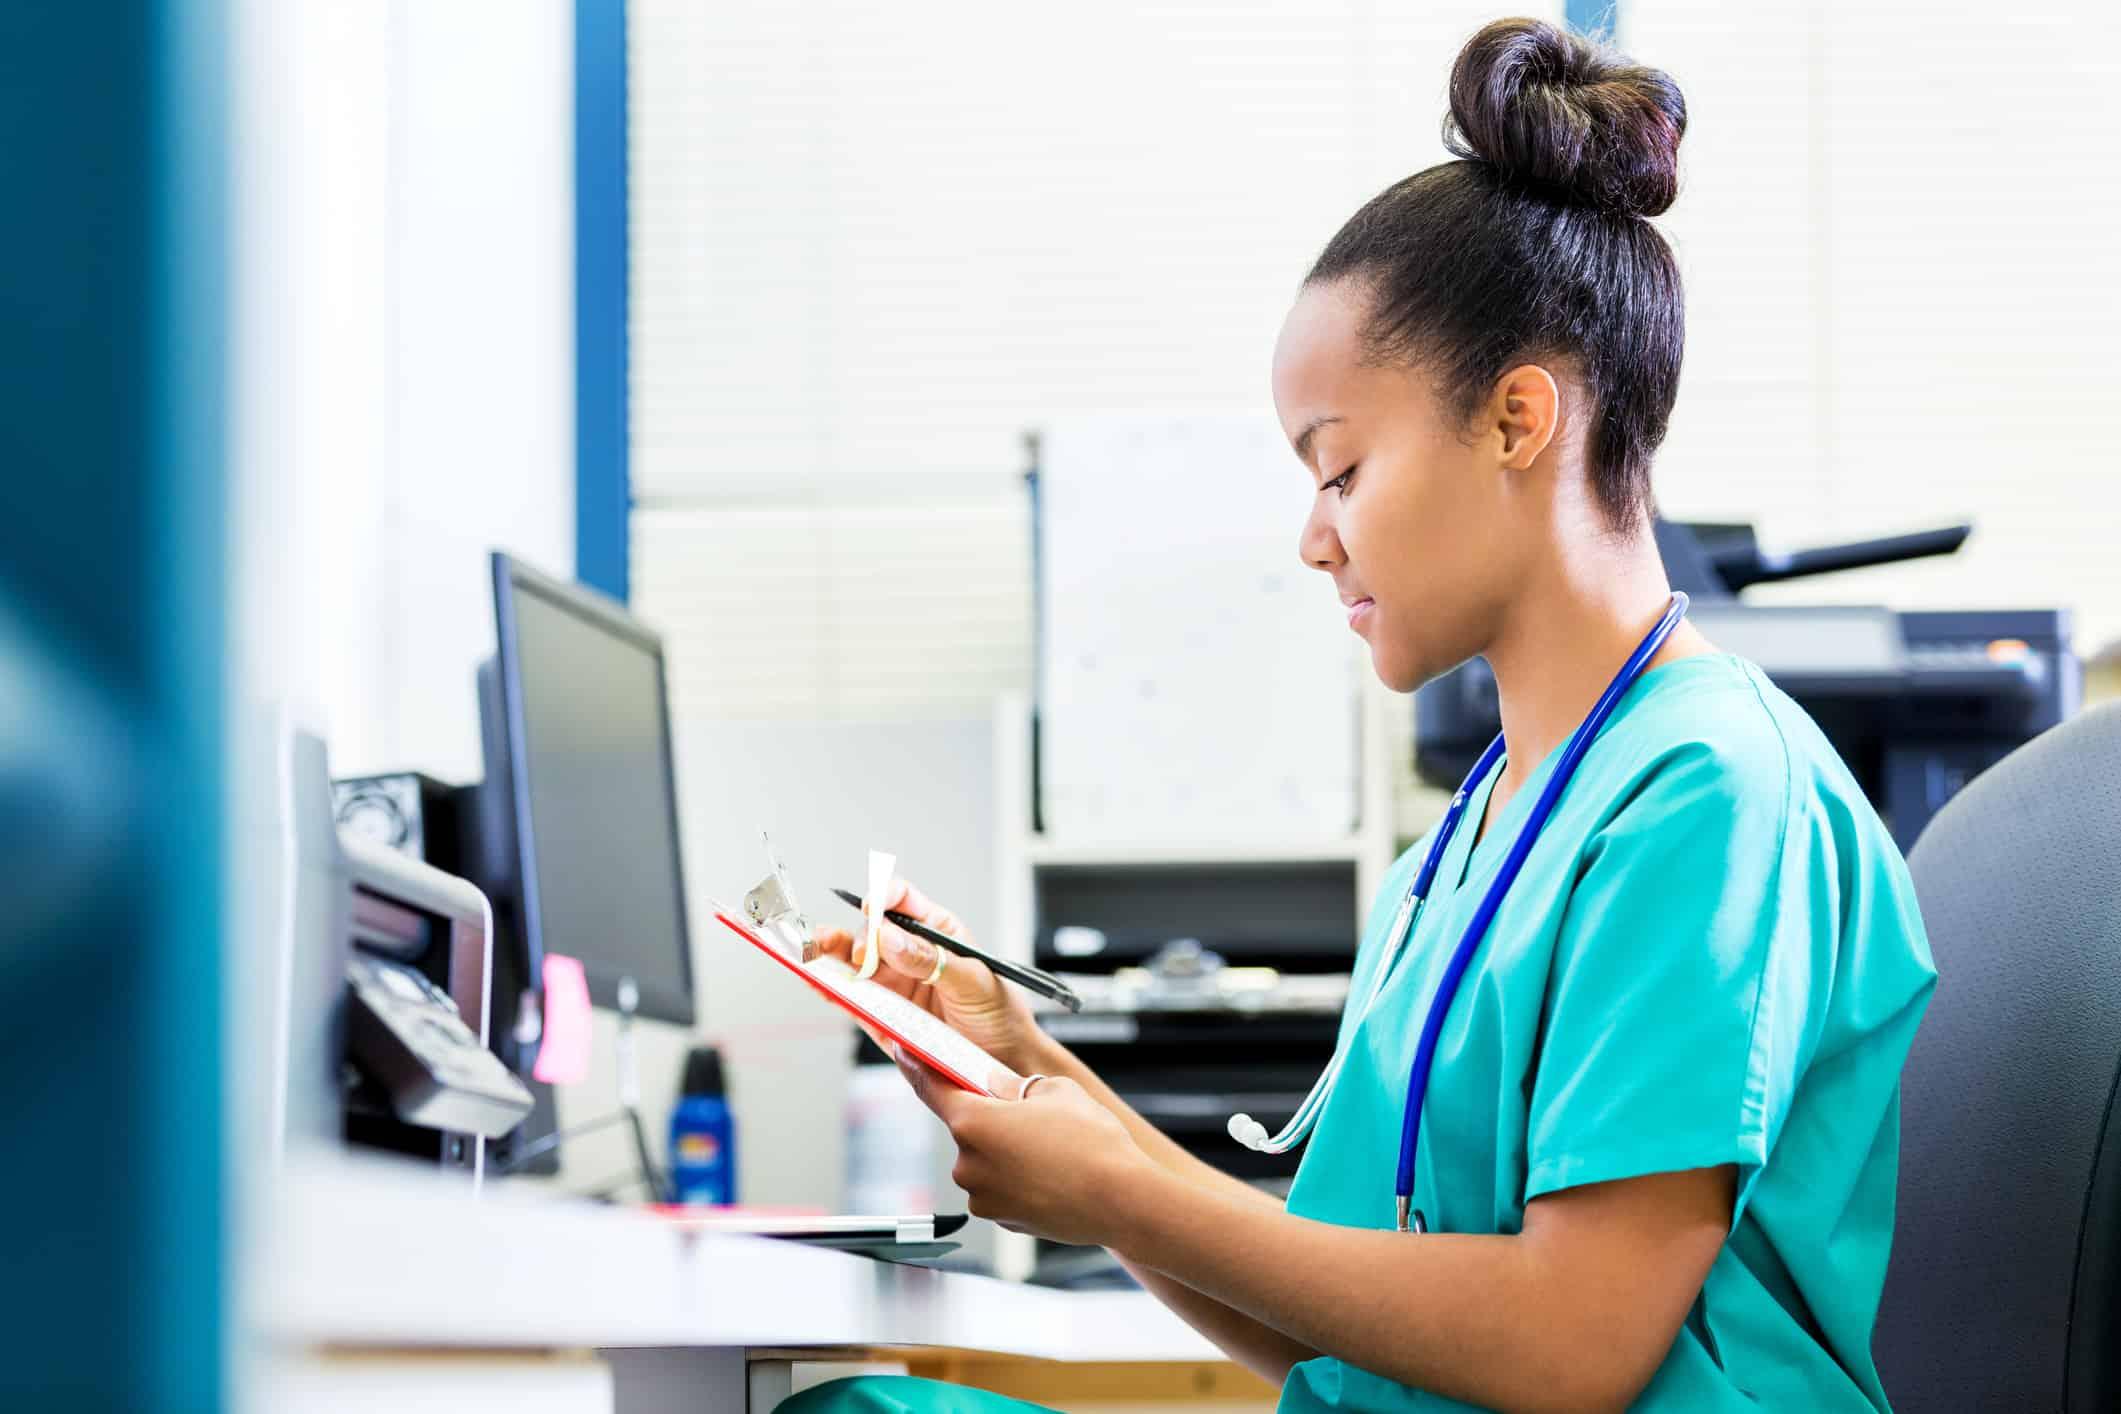 nurse checking health records